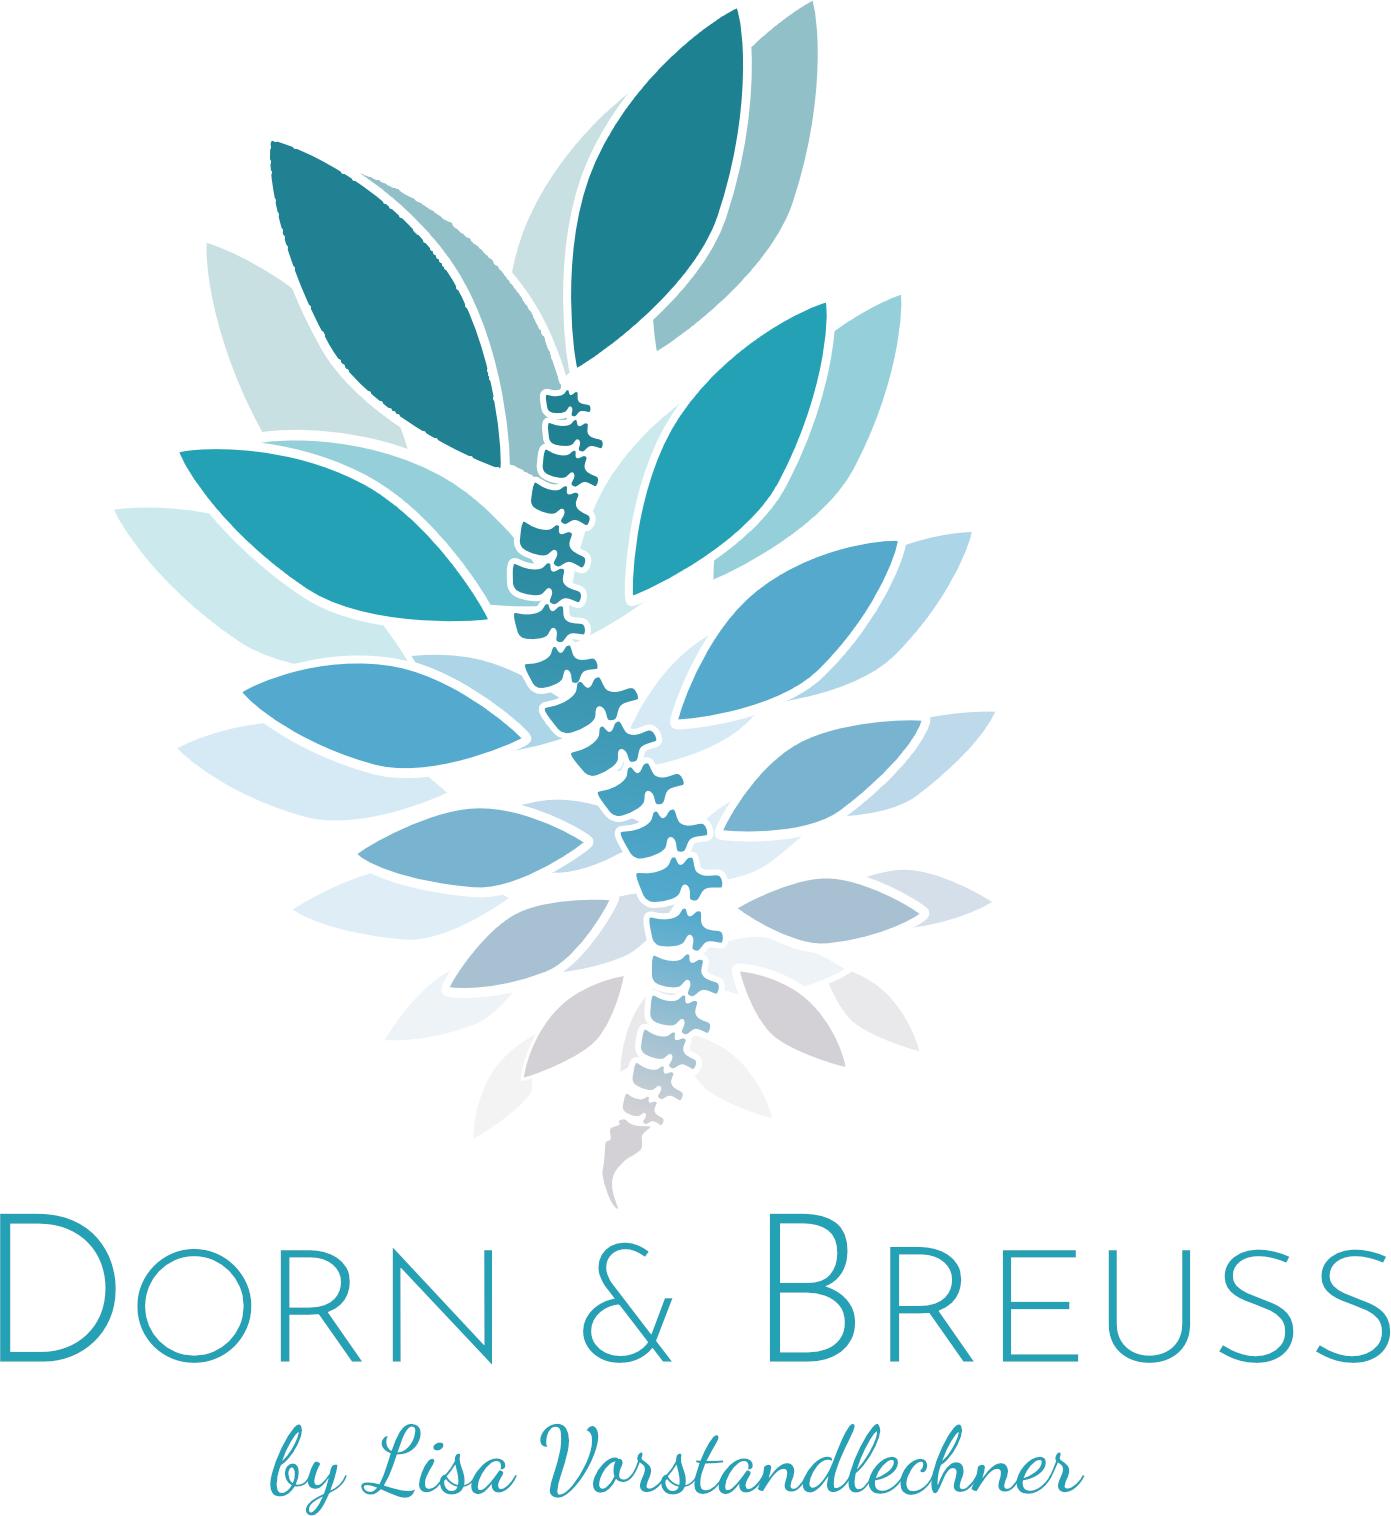 www.dorn-breuss.at